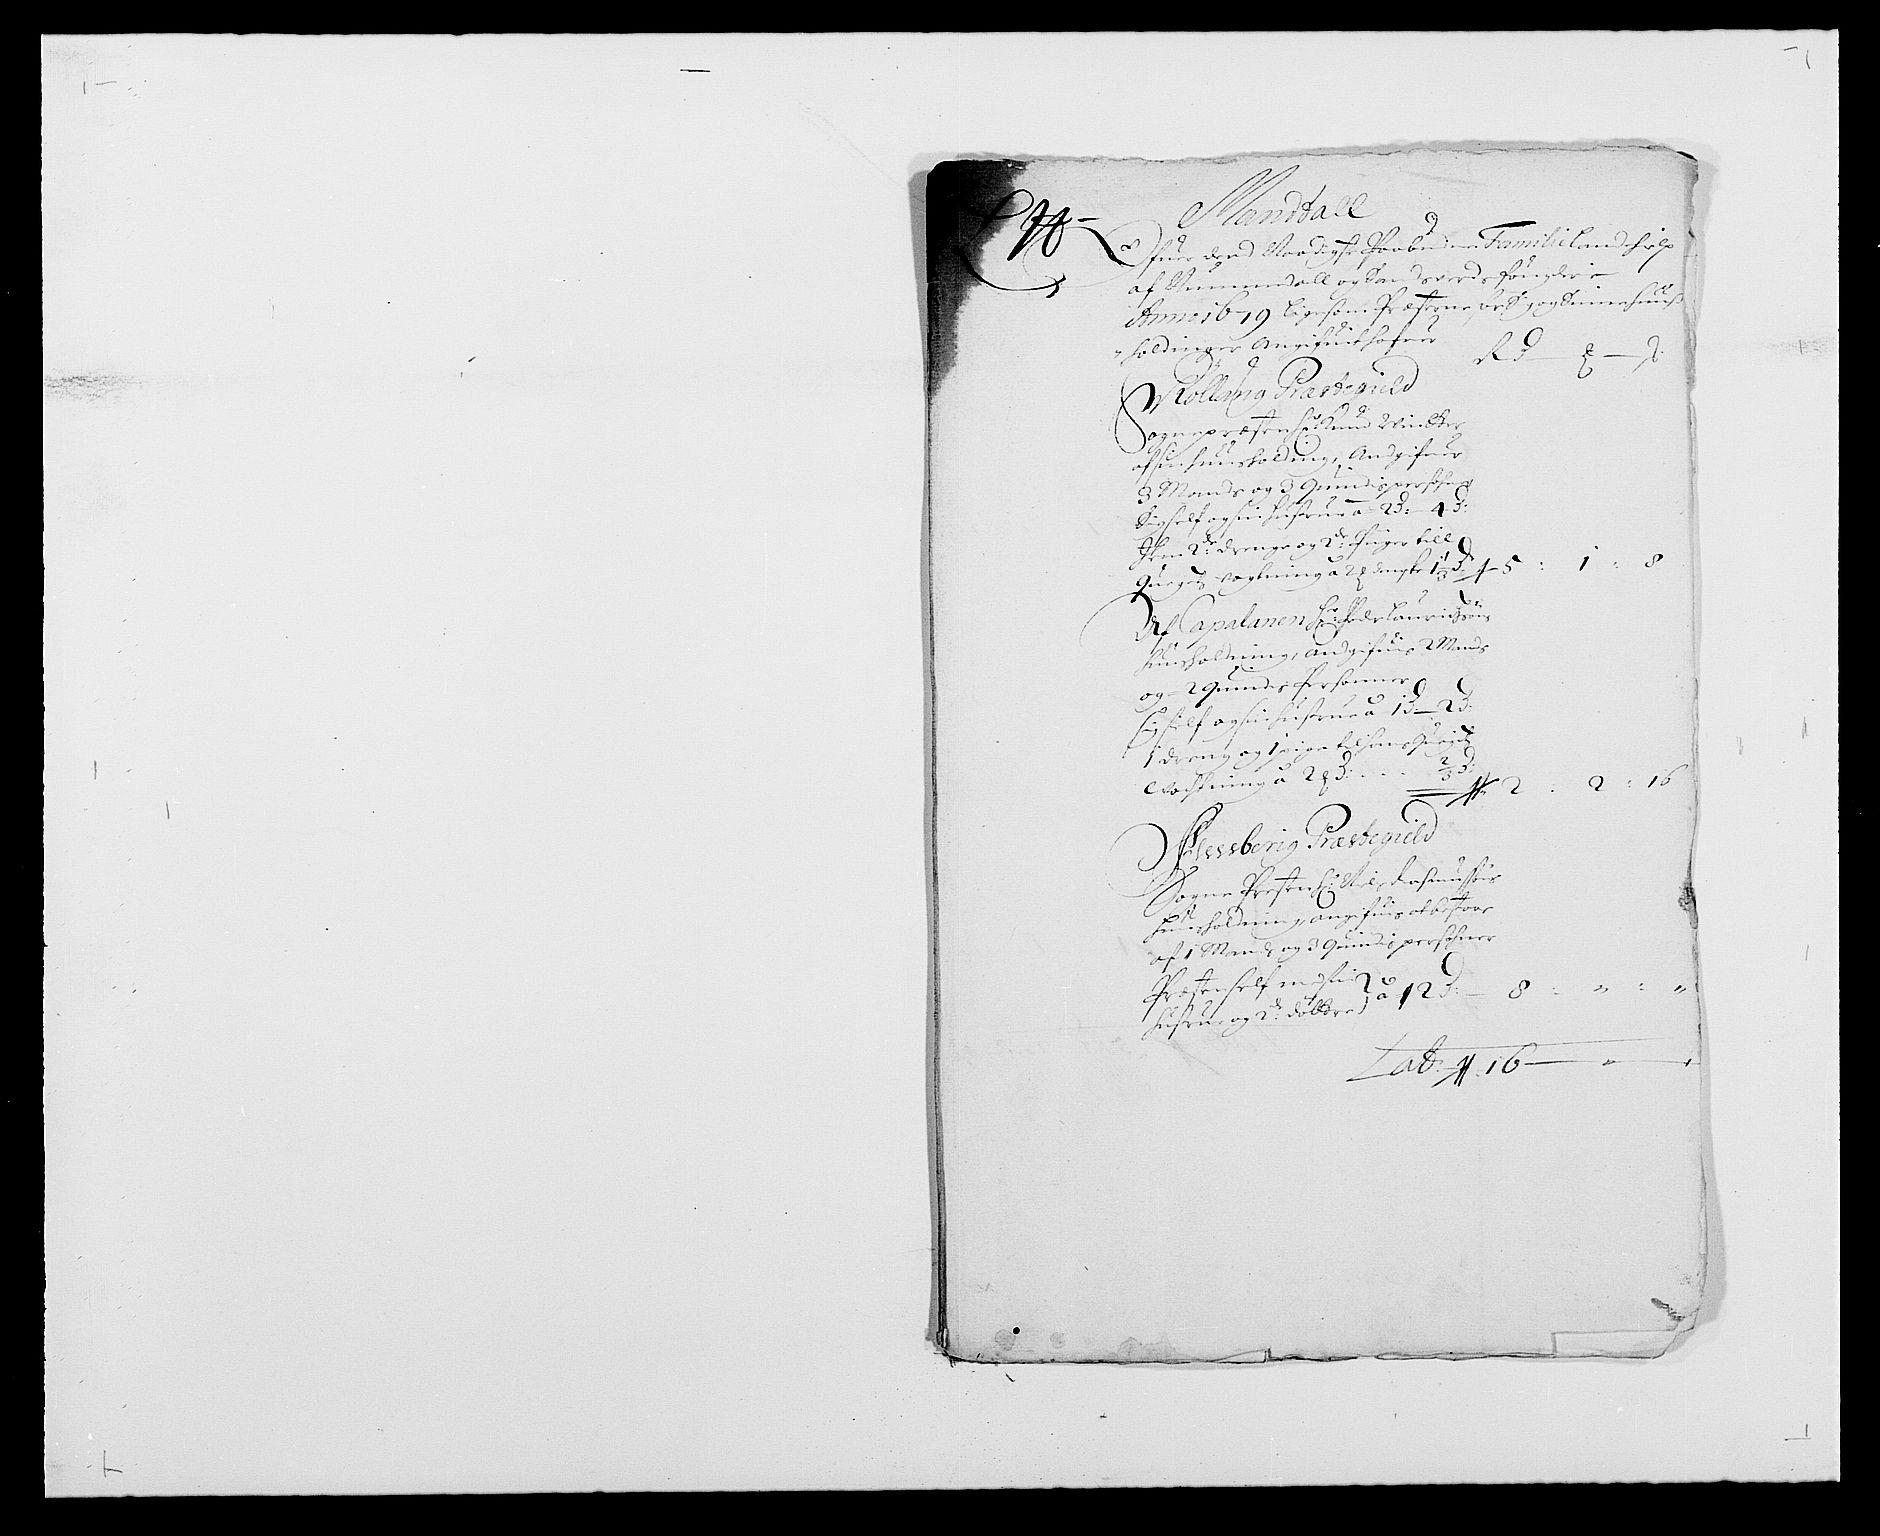 RA, Rentekammeret inntil 1814, Reviderte regnskaper, Fogderegnskap, R24/L1569: Fogderegnskap Numedal og Sandsvær, 1679-1686, s. 154